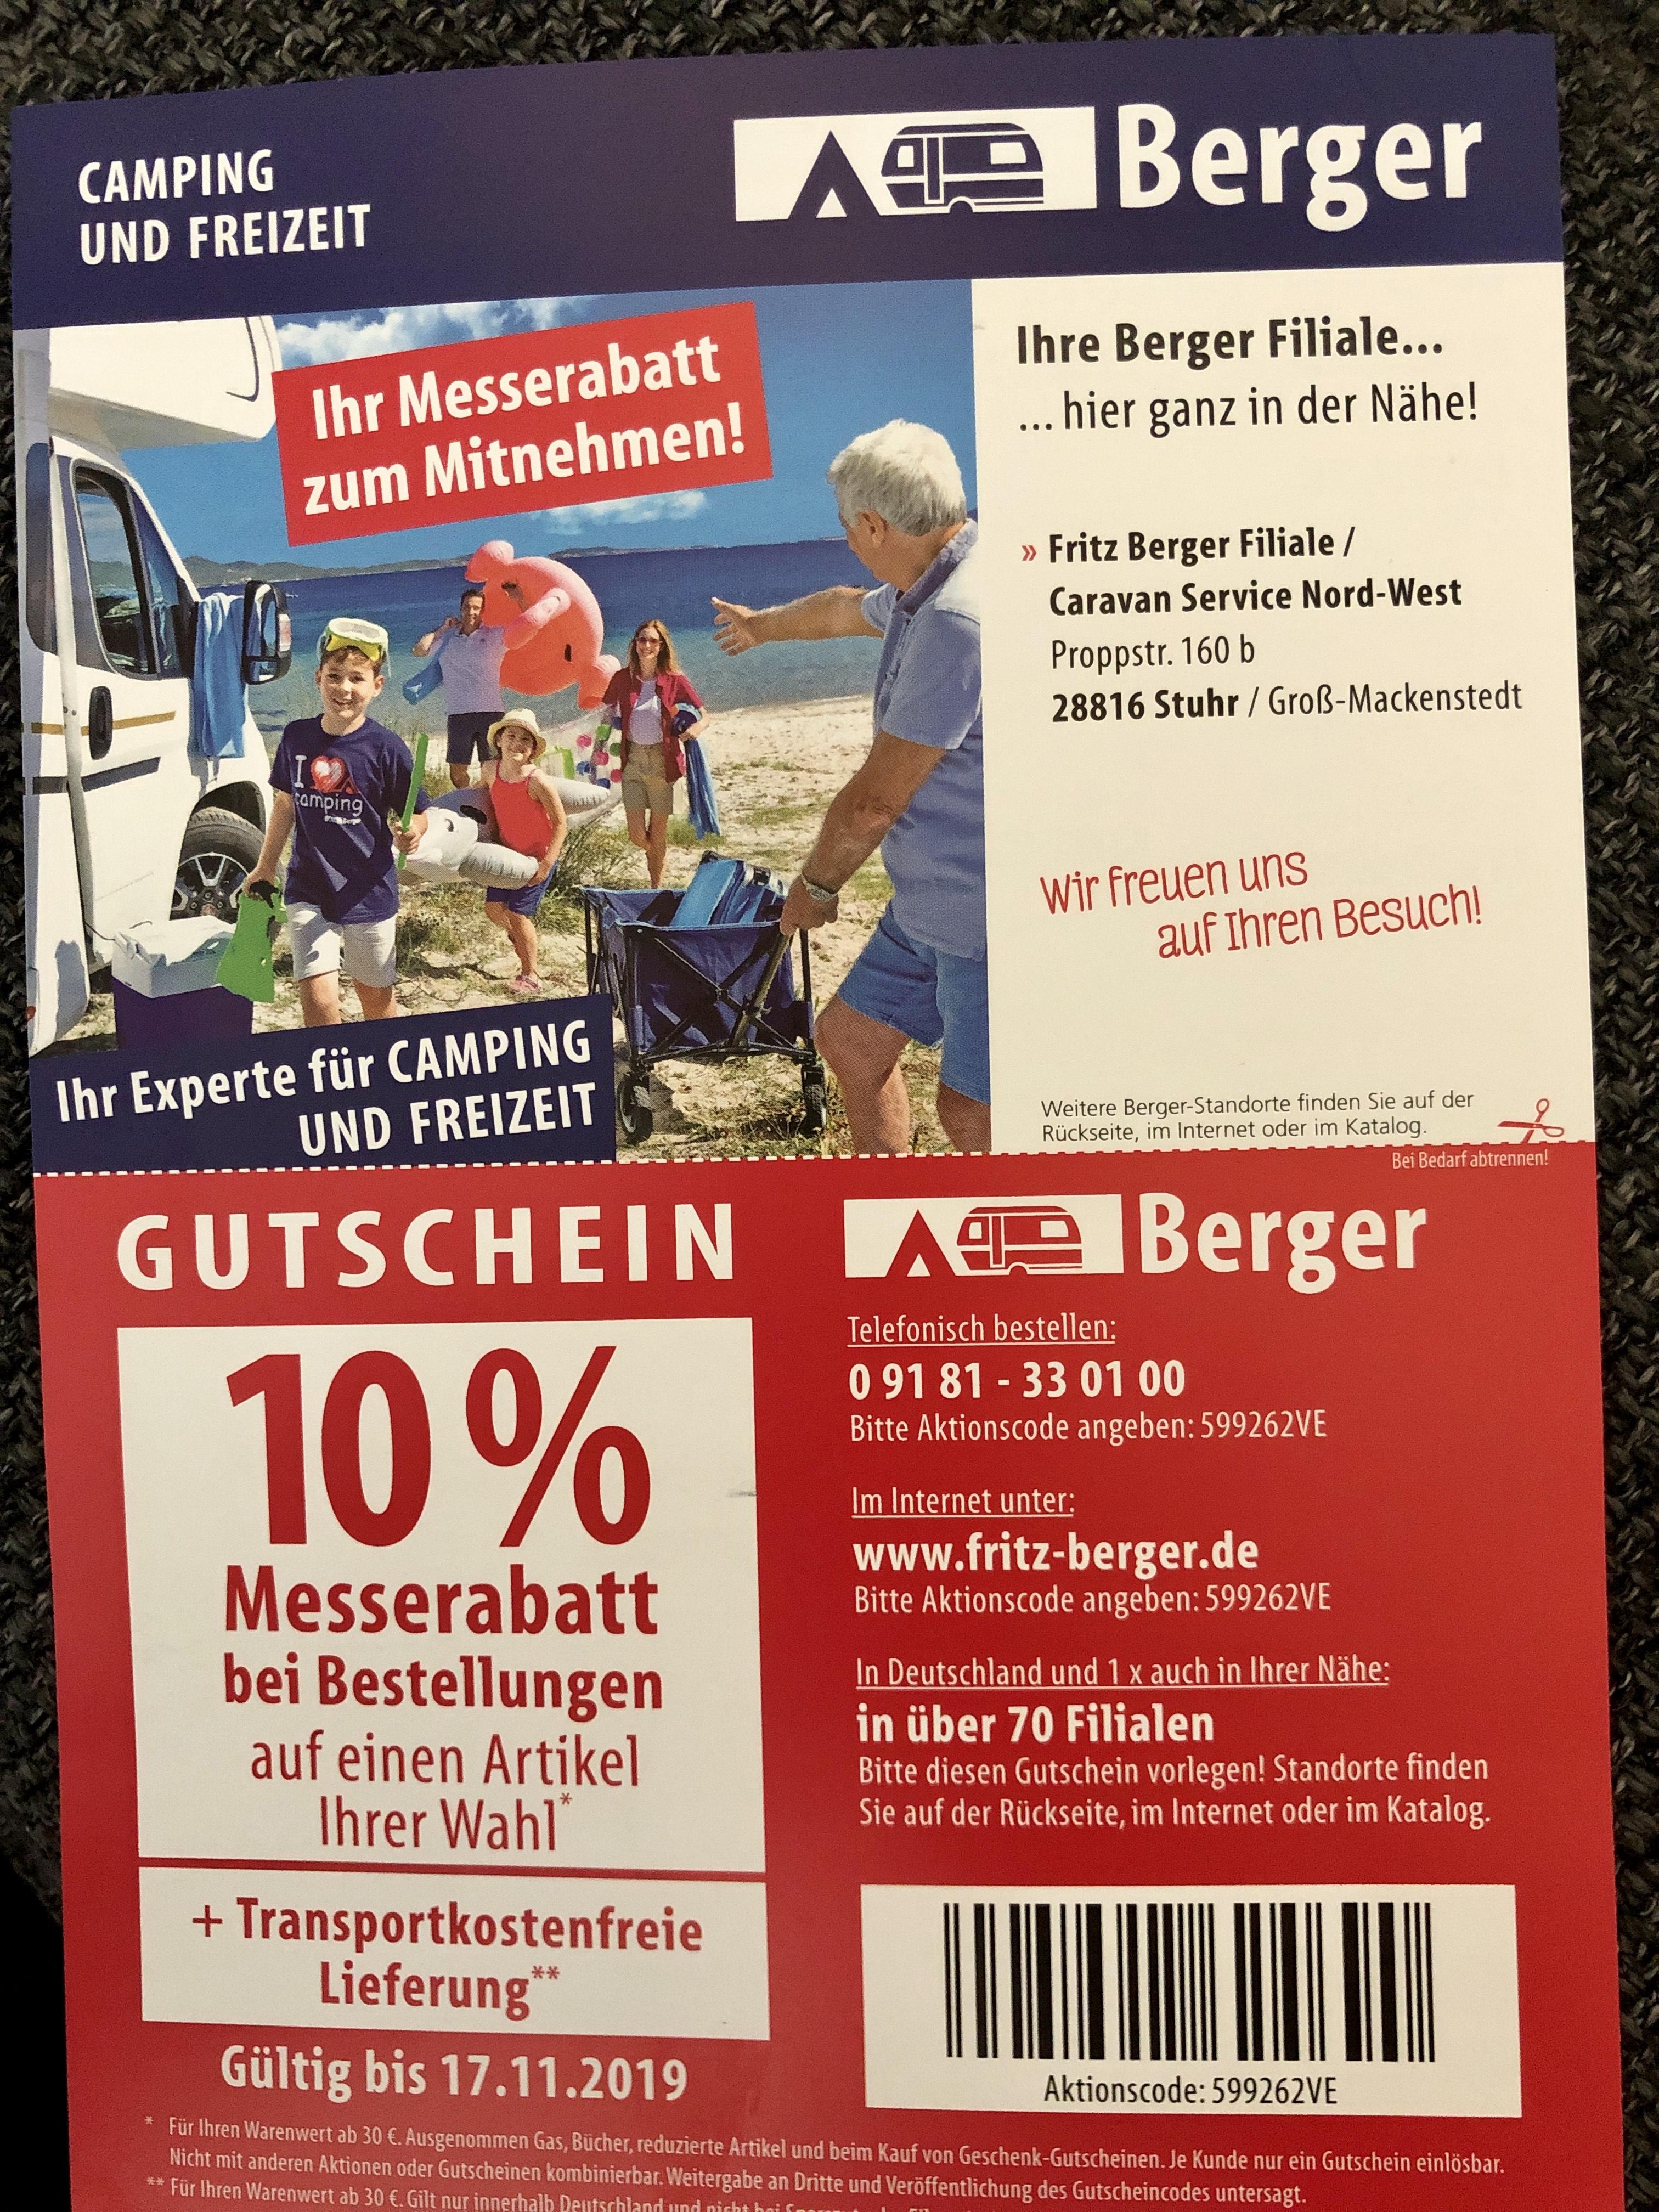 10% auf einen Artikel bei Fritz Berger (Camping-Zubehör) + versandkostenfreie Lieferung!